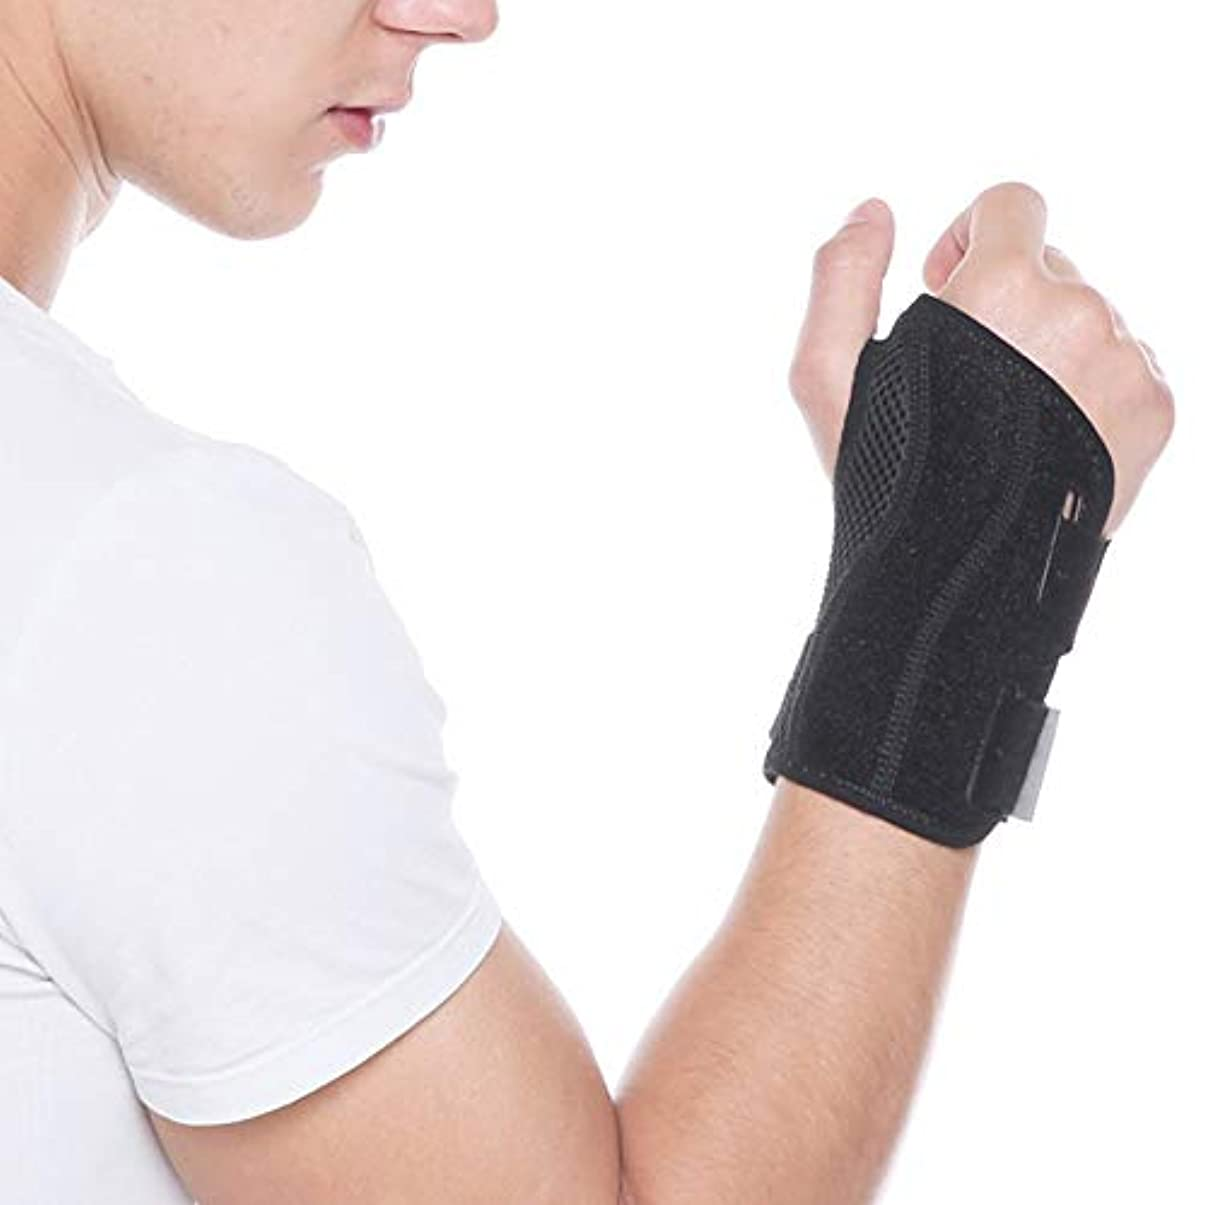 テザーガイドライン非公式手首のサポートの痛み手根管症候群は、右左手のための安定化のサポートを和らげます